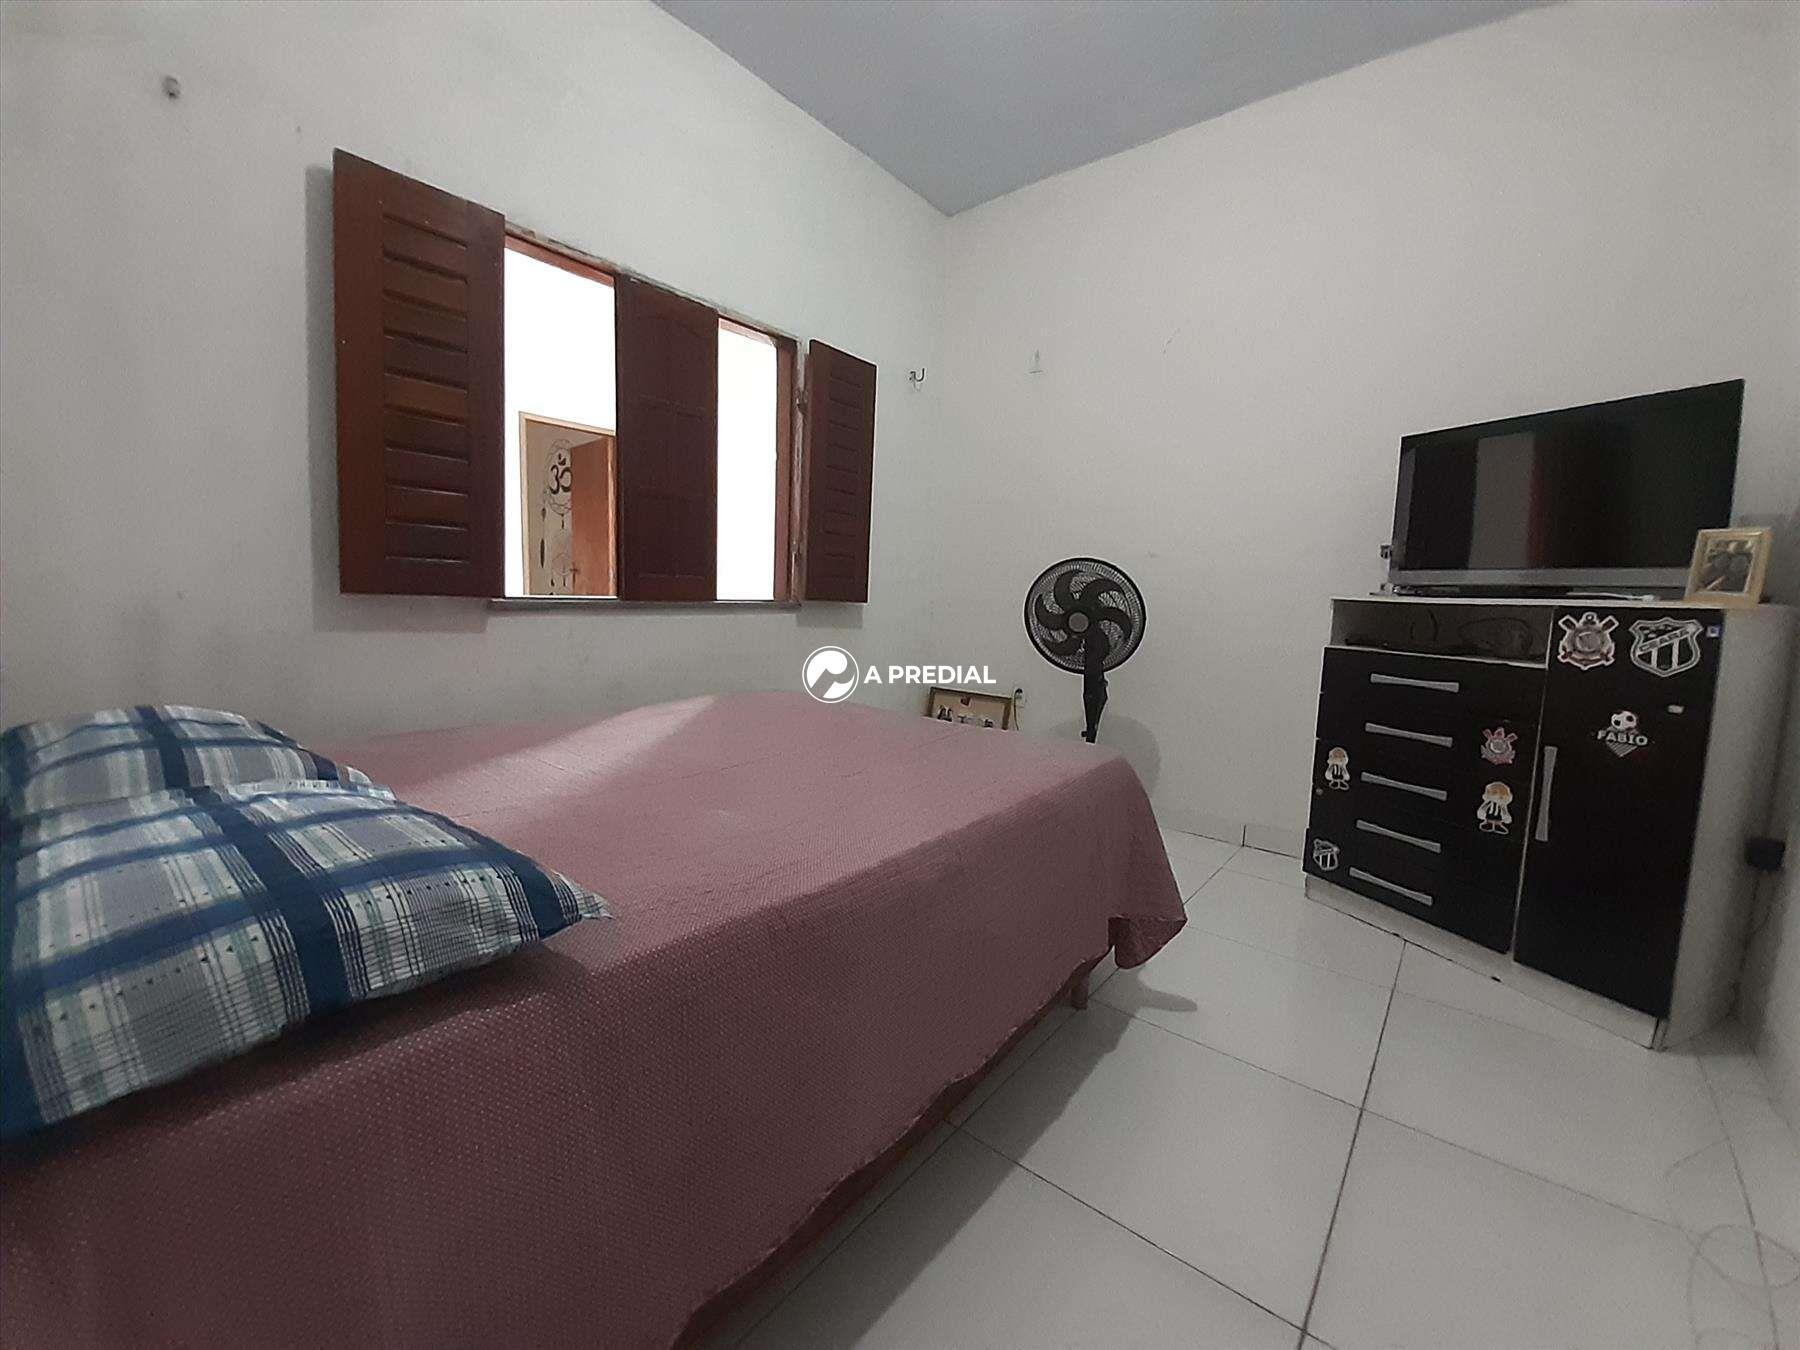 Casa à venda no Prefeito José Walter: 9ba1c456-b-20200718_121317.jpg